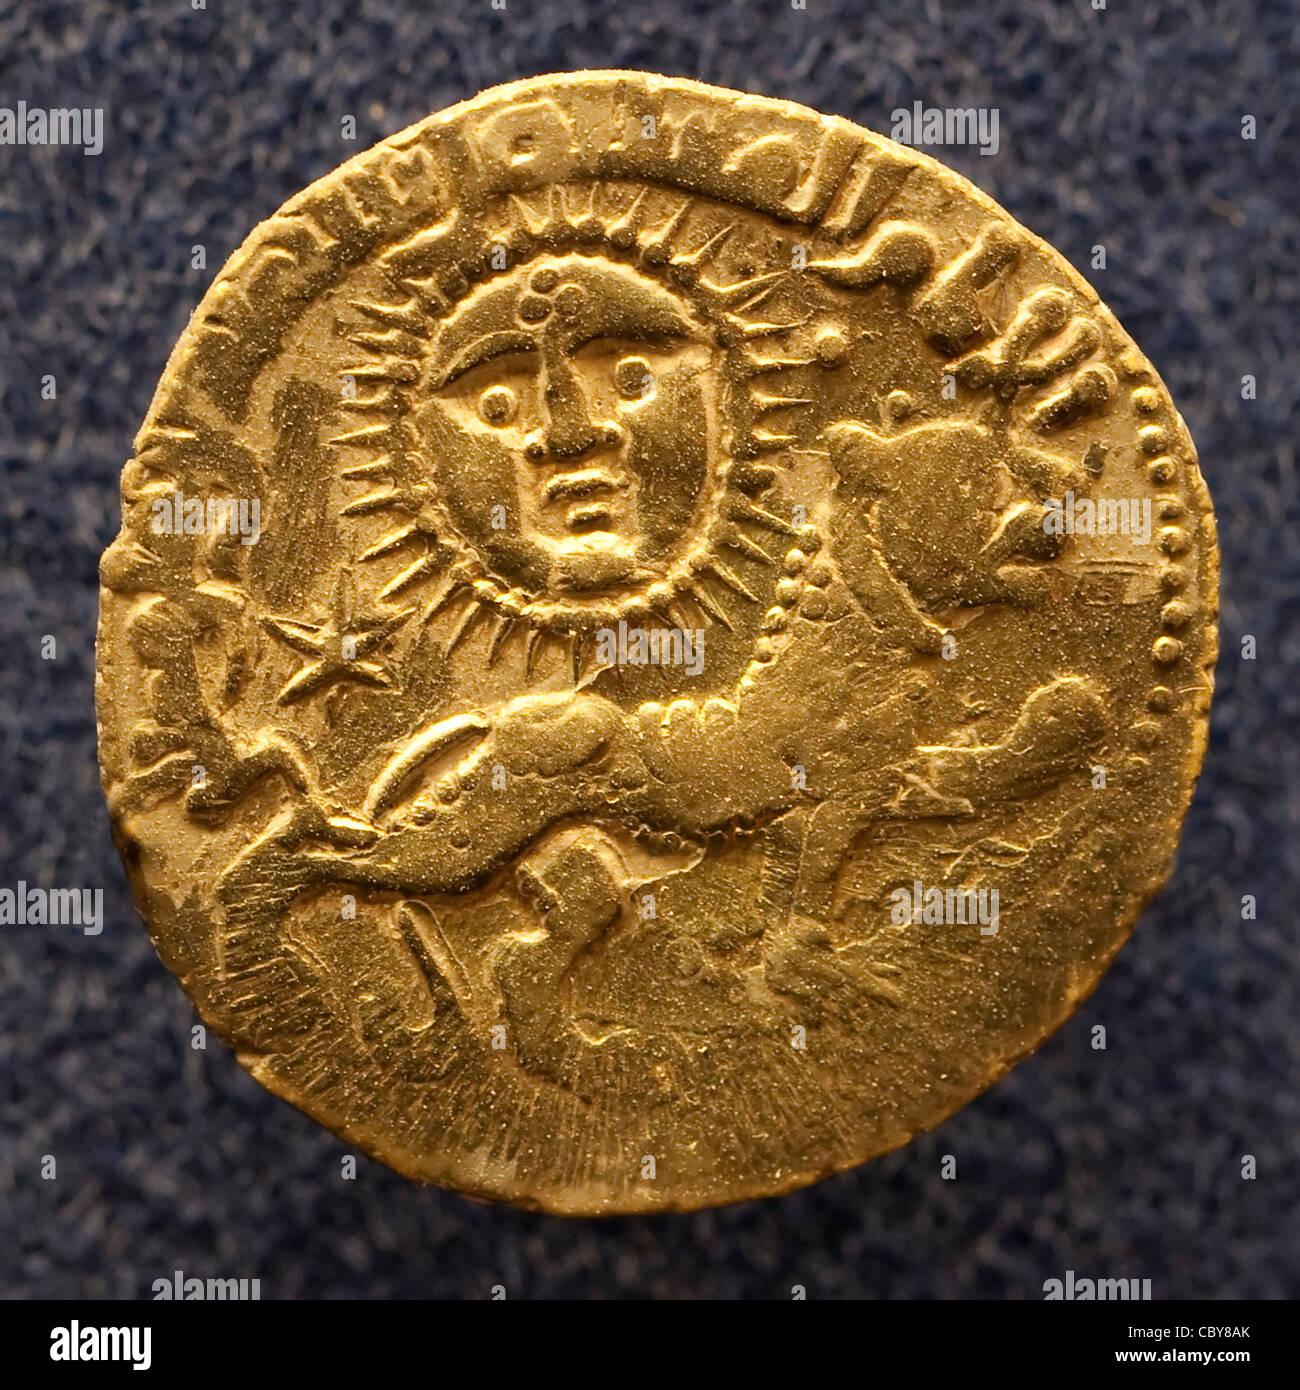 Antica moneta d'oro della dinastia dei Selgiuchi che era A. Alto medioevo turco-persiano impero musulmano sunnita raffigurante un leone e. il sole Foto Stock